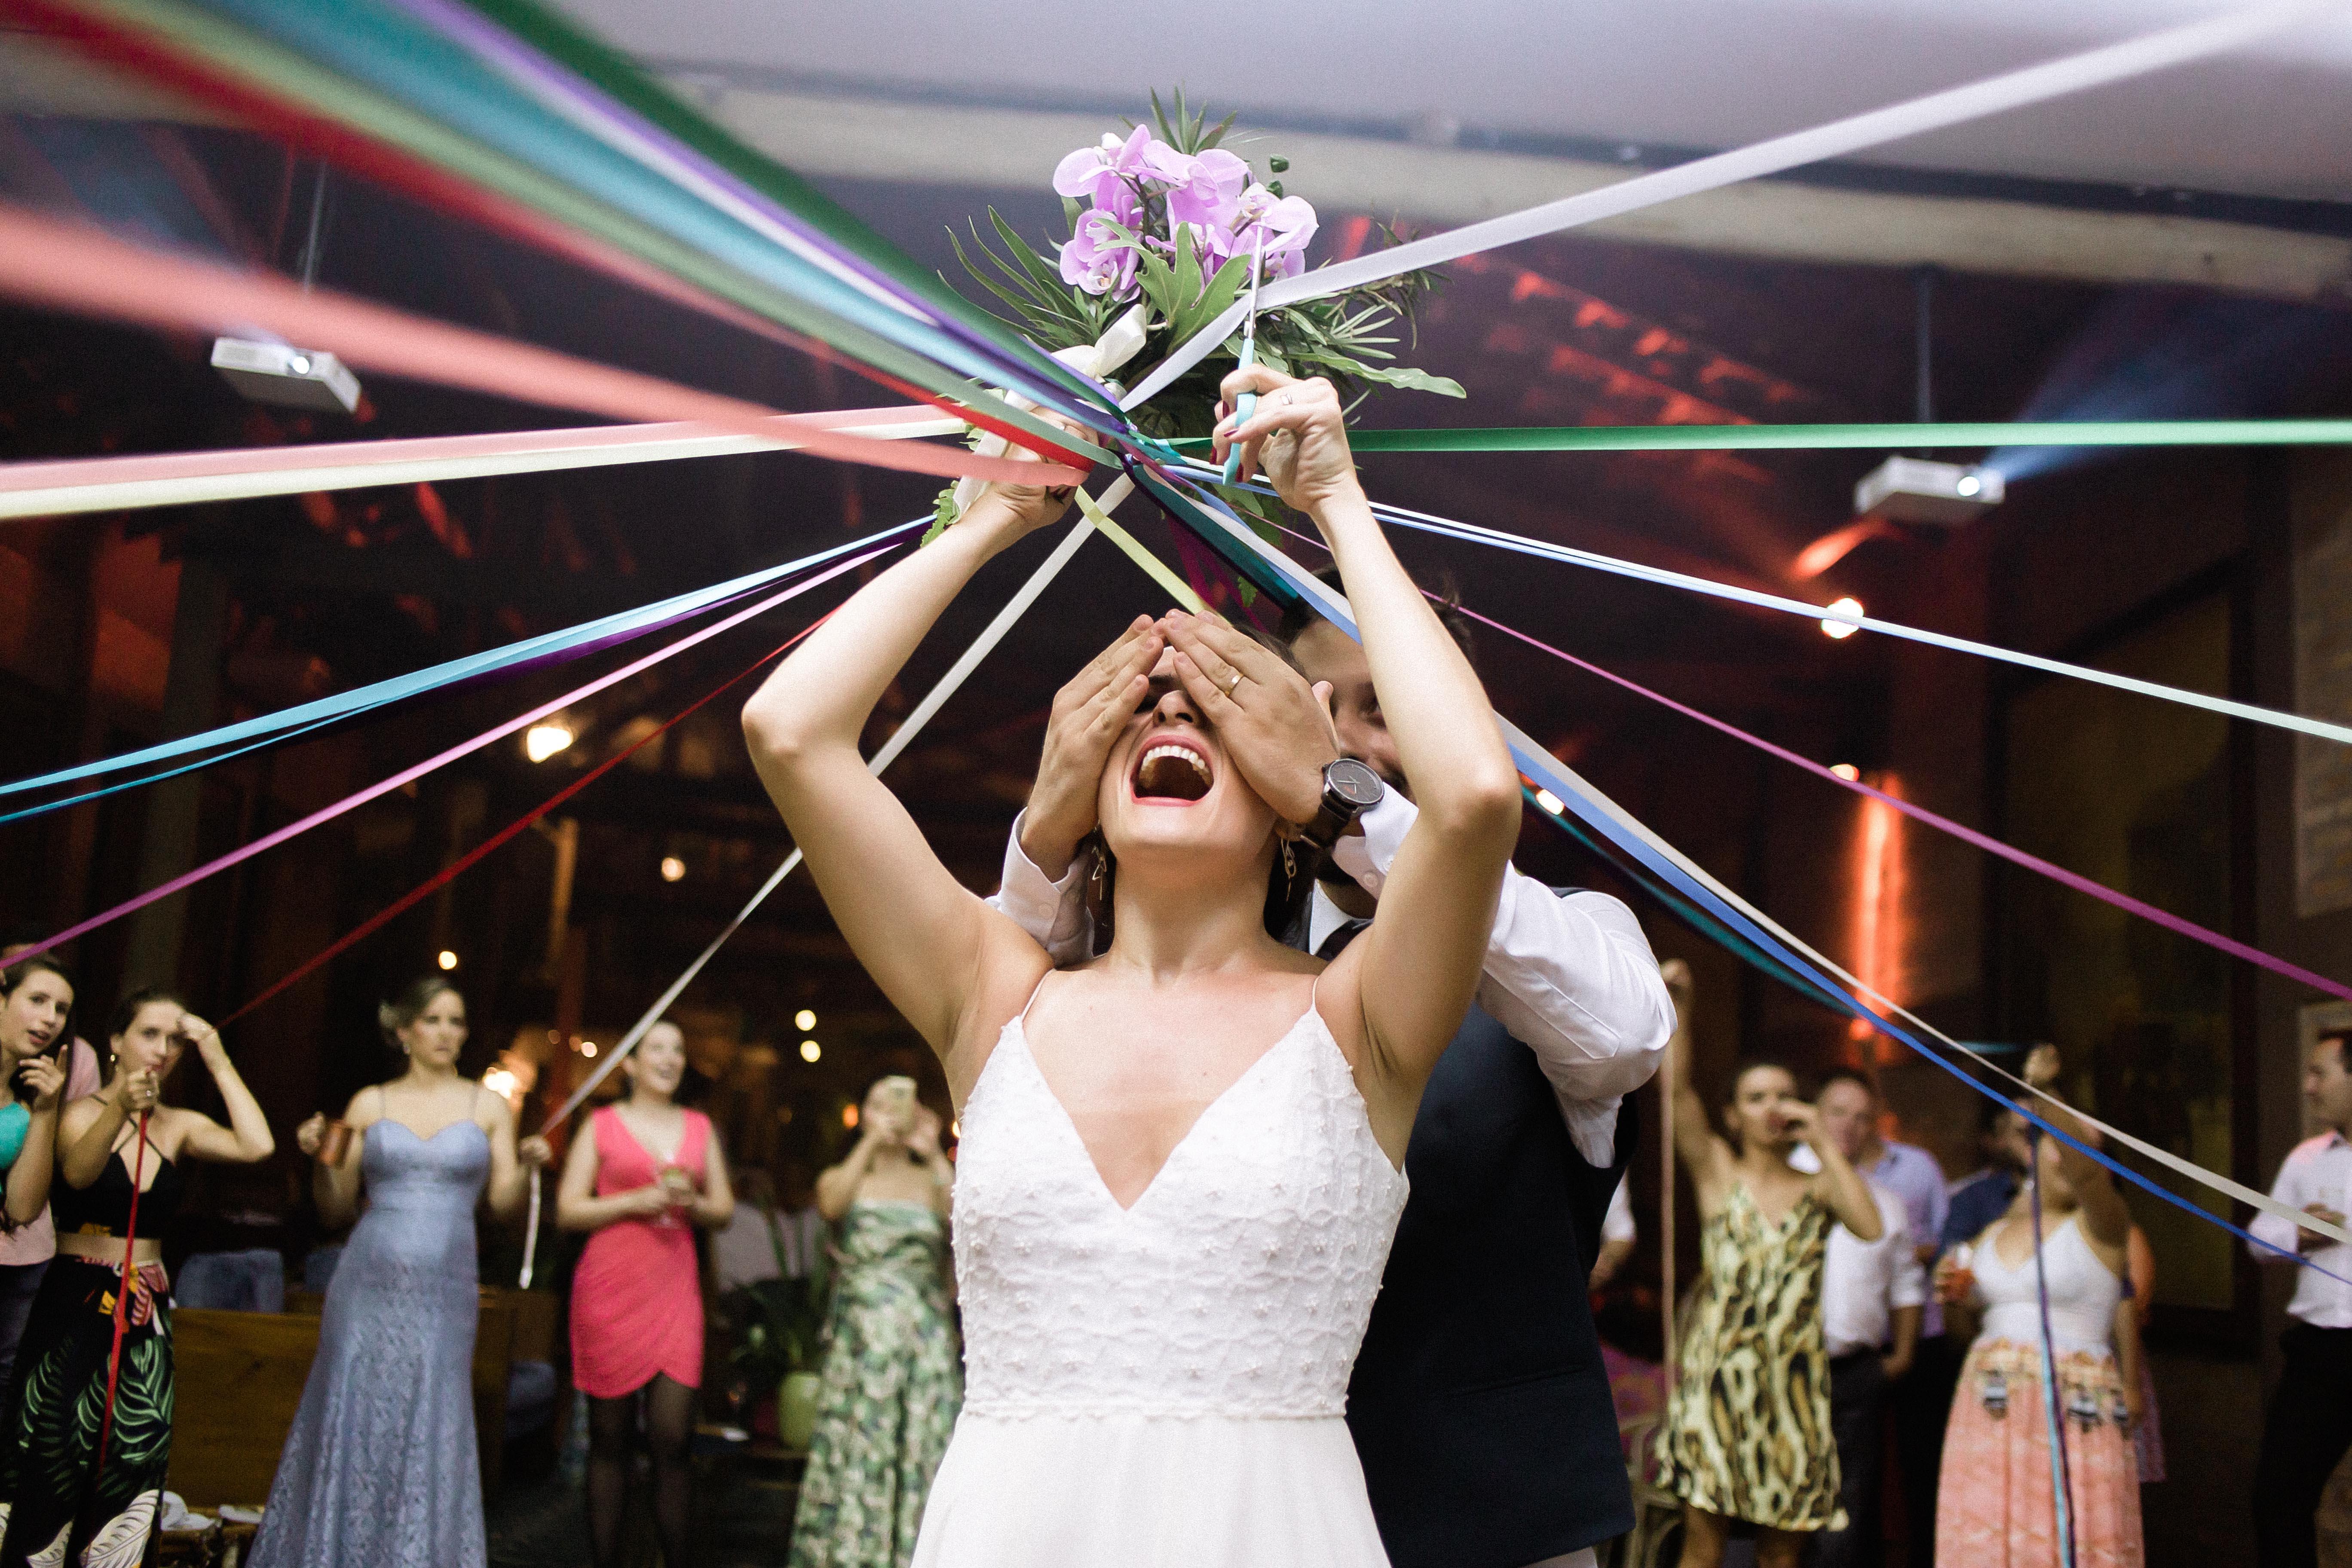 Casamento Sustentável no Alto da Serra da Cantareira, Casamento na Serra da Cantareira, Casamento no por do sol, Cerimônia ao ar livre, casamento de dia, quinta da cantareira, serra da cantareira, casamento sustentável, sustentabilidade, yoga, cachorro casamento, casamento tropical